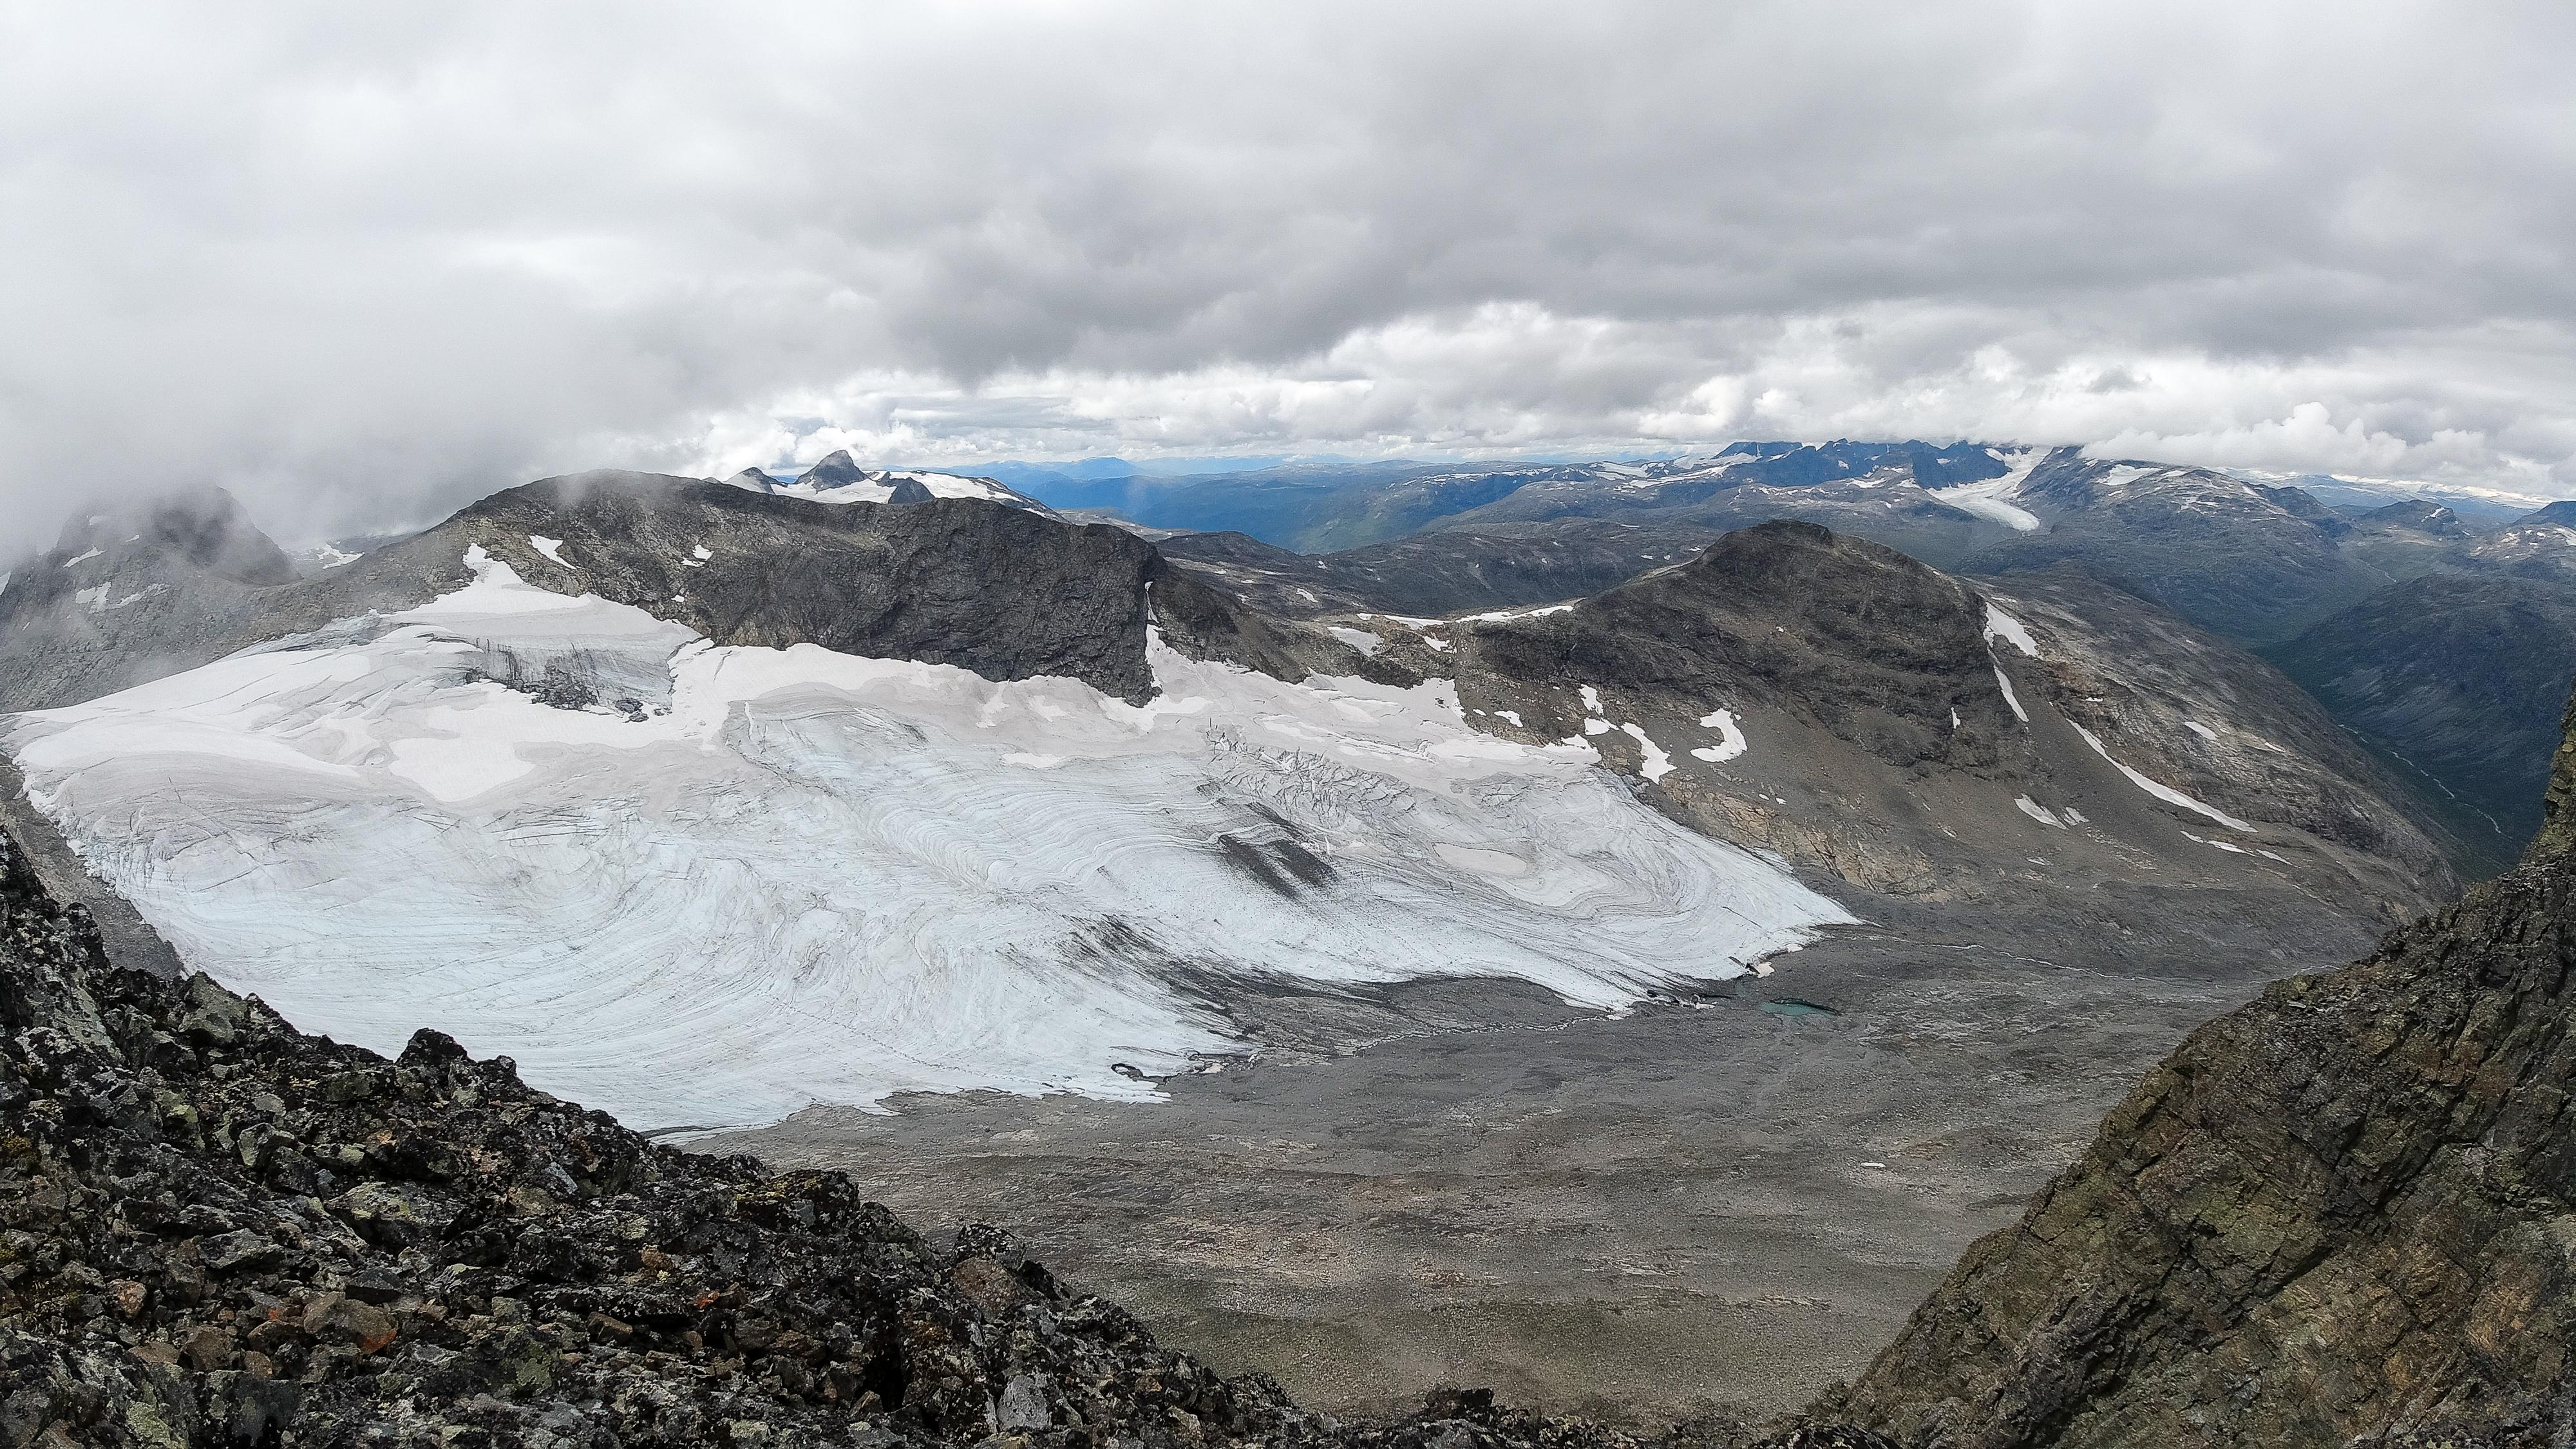 Utsikt fra Sagi (2.040 moh) ned mot Skogadalsbreen og Slingsbytinden (2.028 moh) Nordryggen til Uranostinden til venstre.